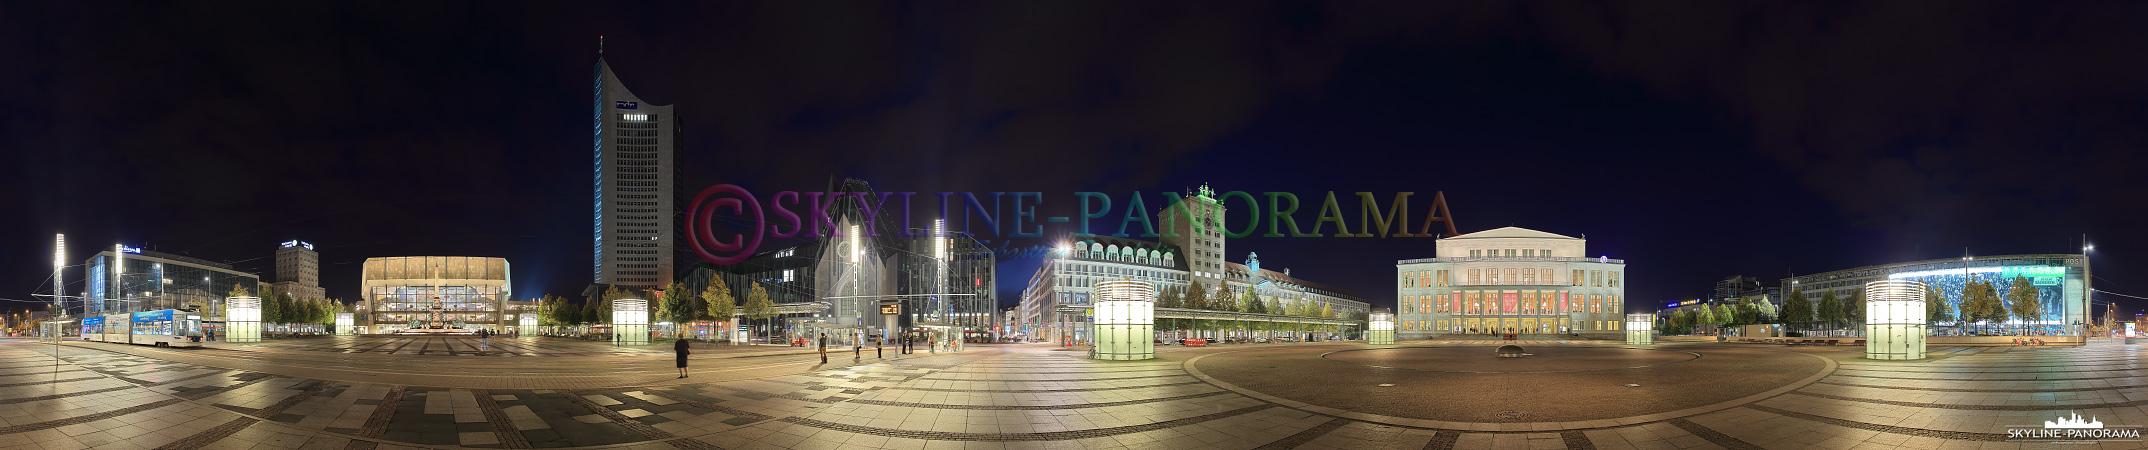 Augustusplatz Leipzig - Opernhaus